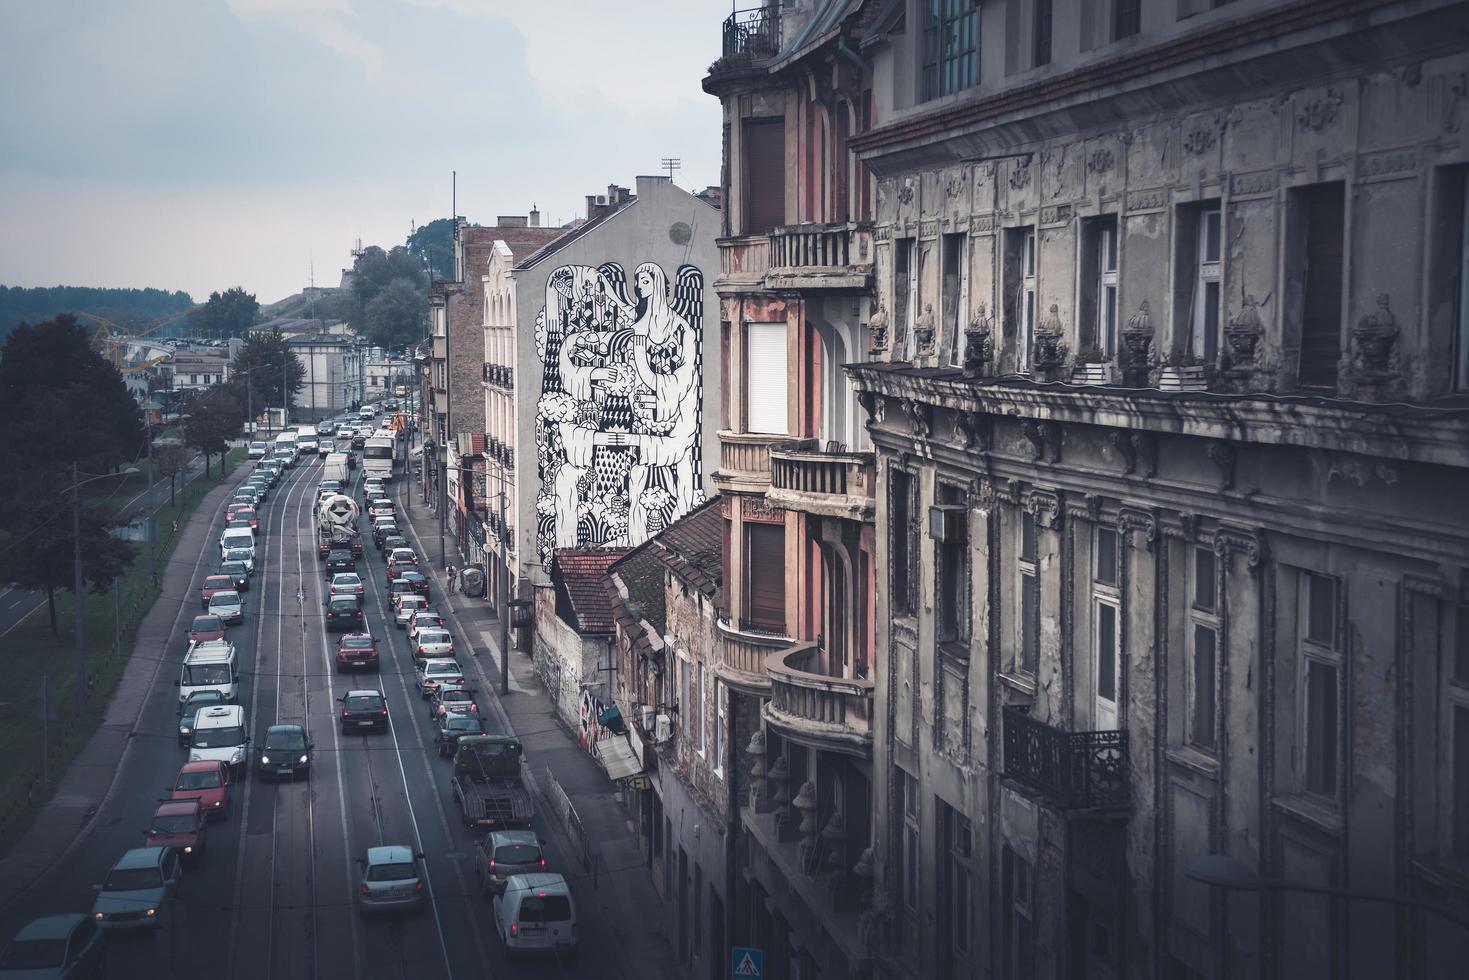 Belgrado, Servië 2015 - Karadjordjeva-straat en stadsgezicht van Belgrado, uitzicht vanaf de Brankov-brug foto